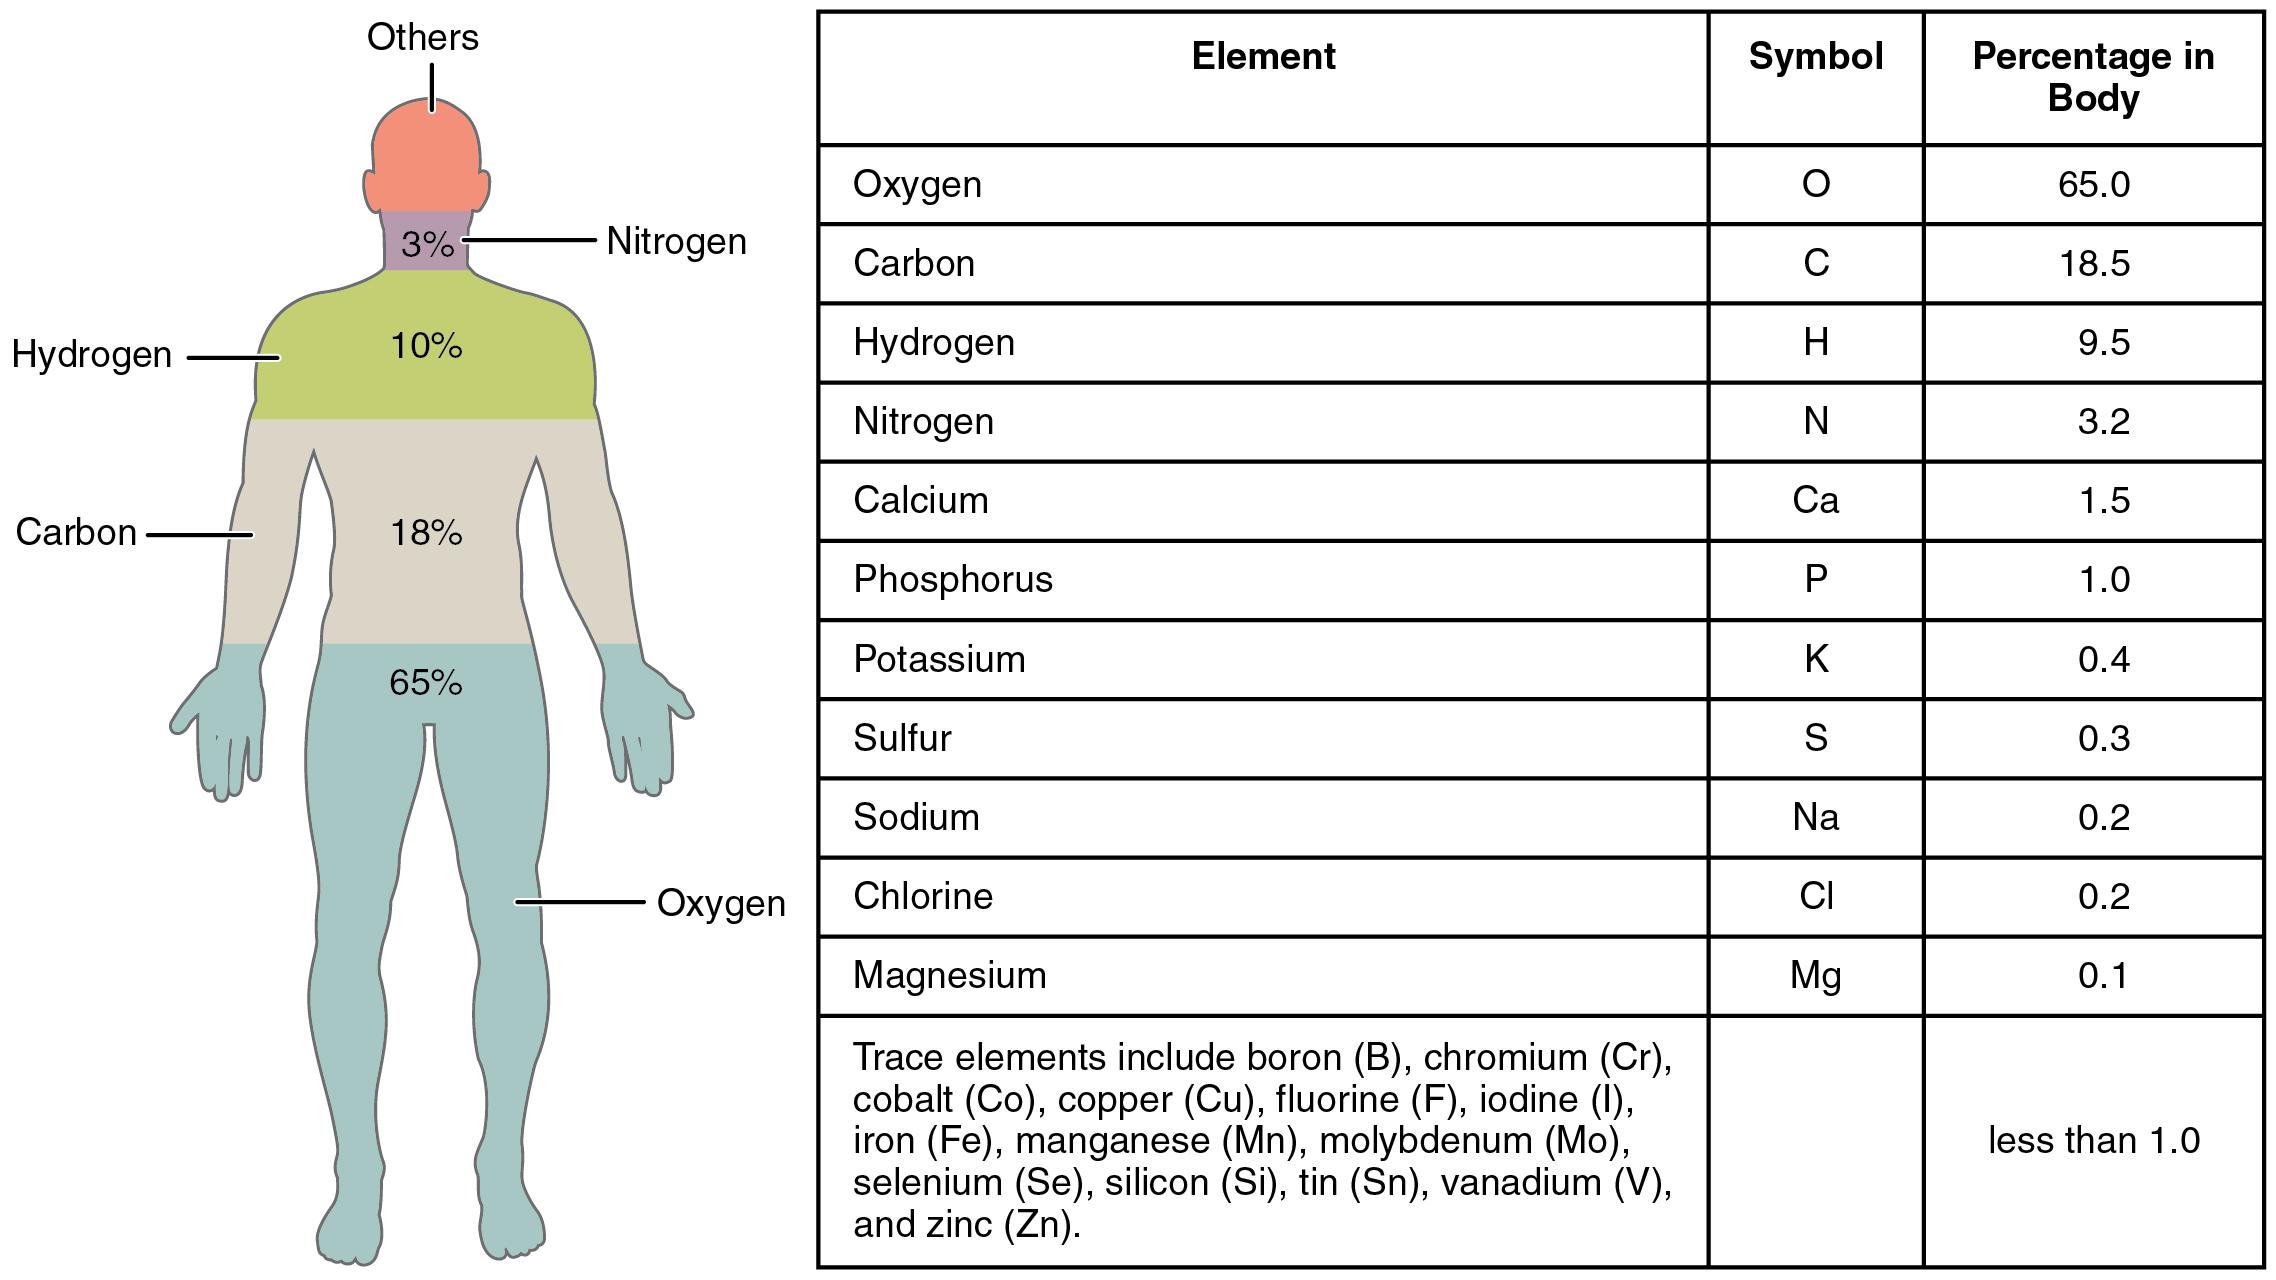 Elemente des menschlichen Körpers